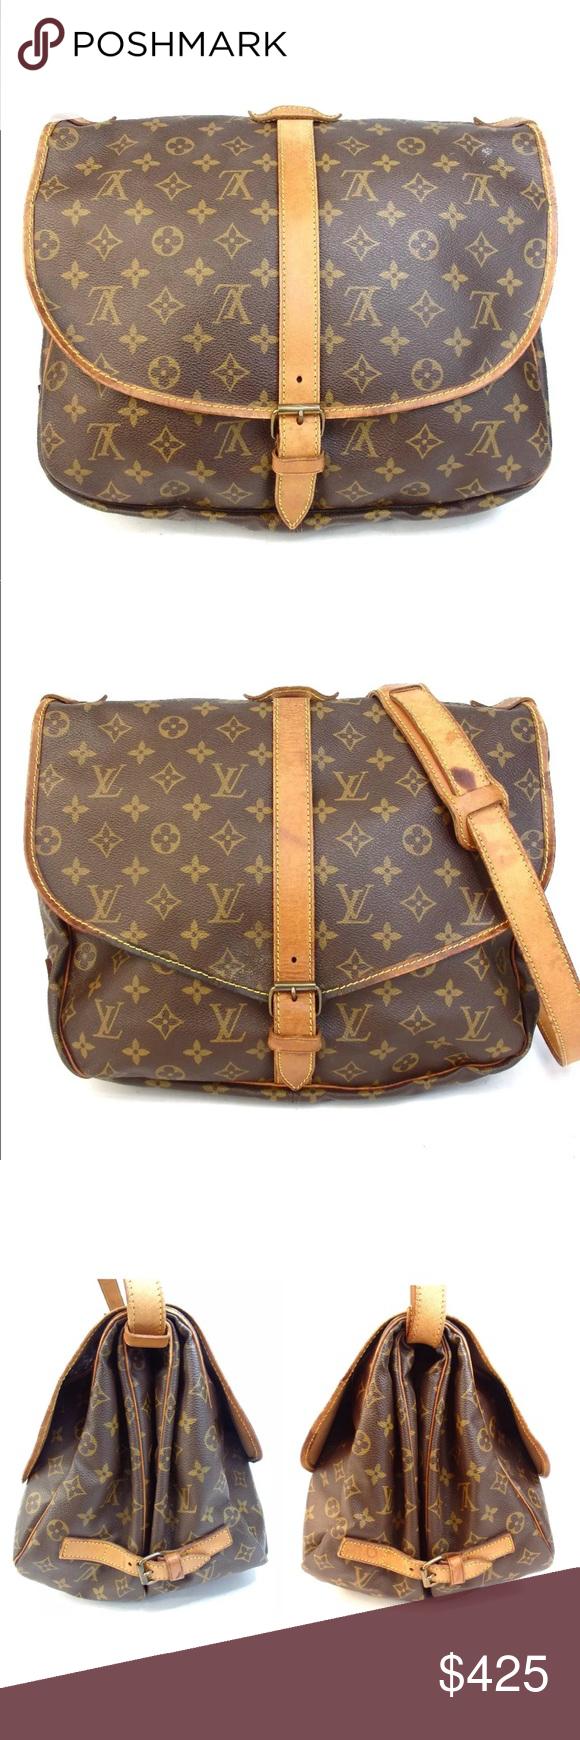 Auth Louis Vuitton Saumur 35 Crossbody Bag Vtg Adorable